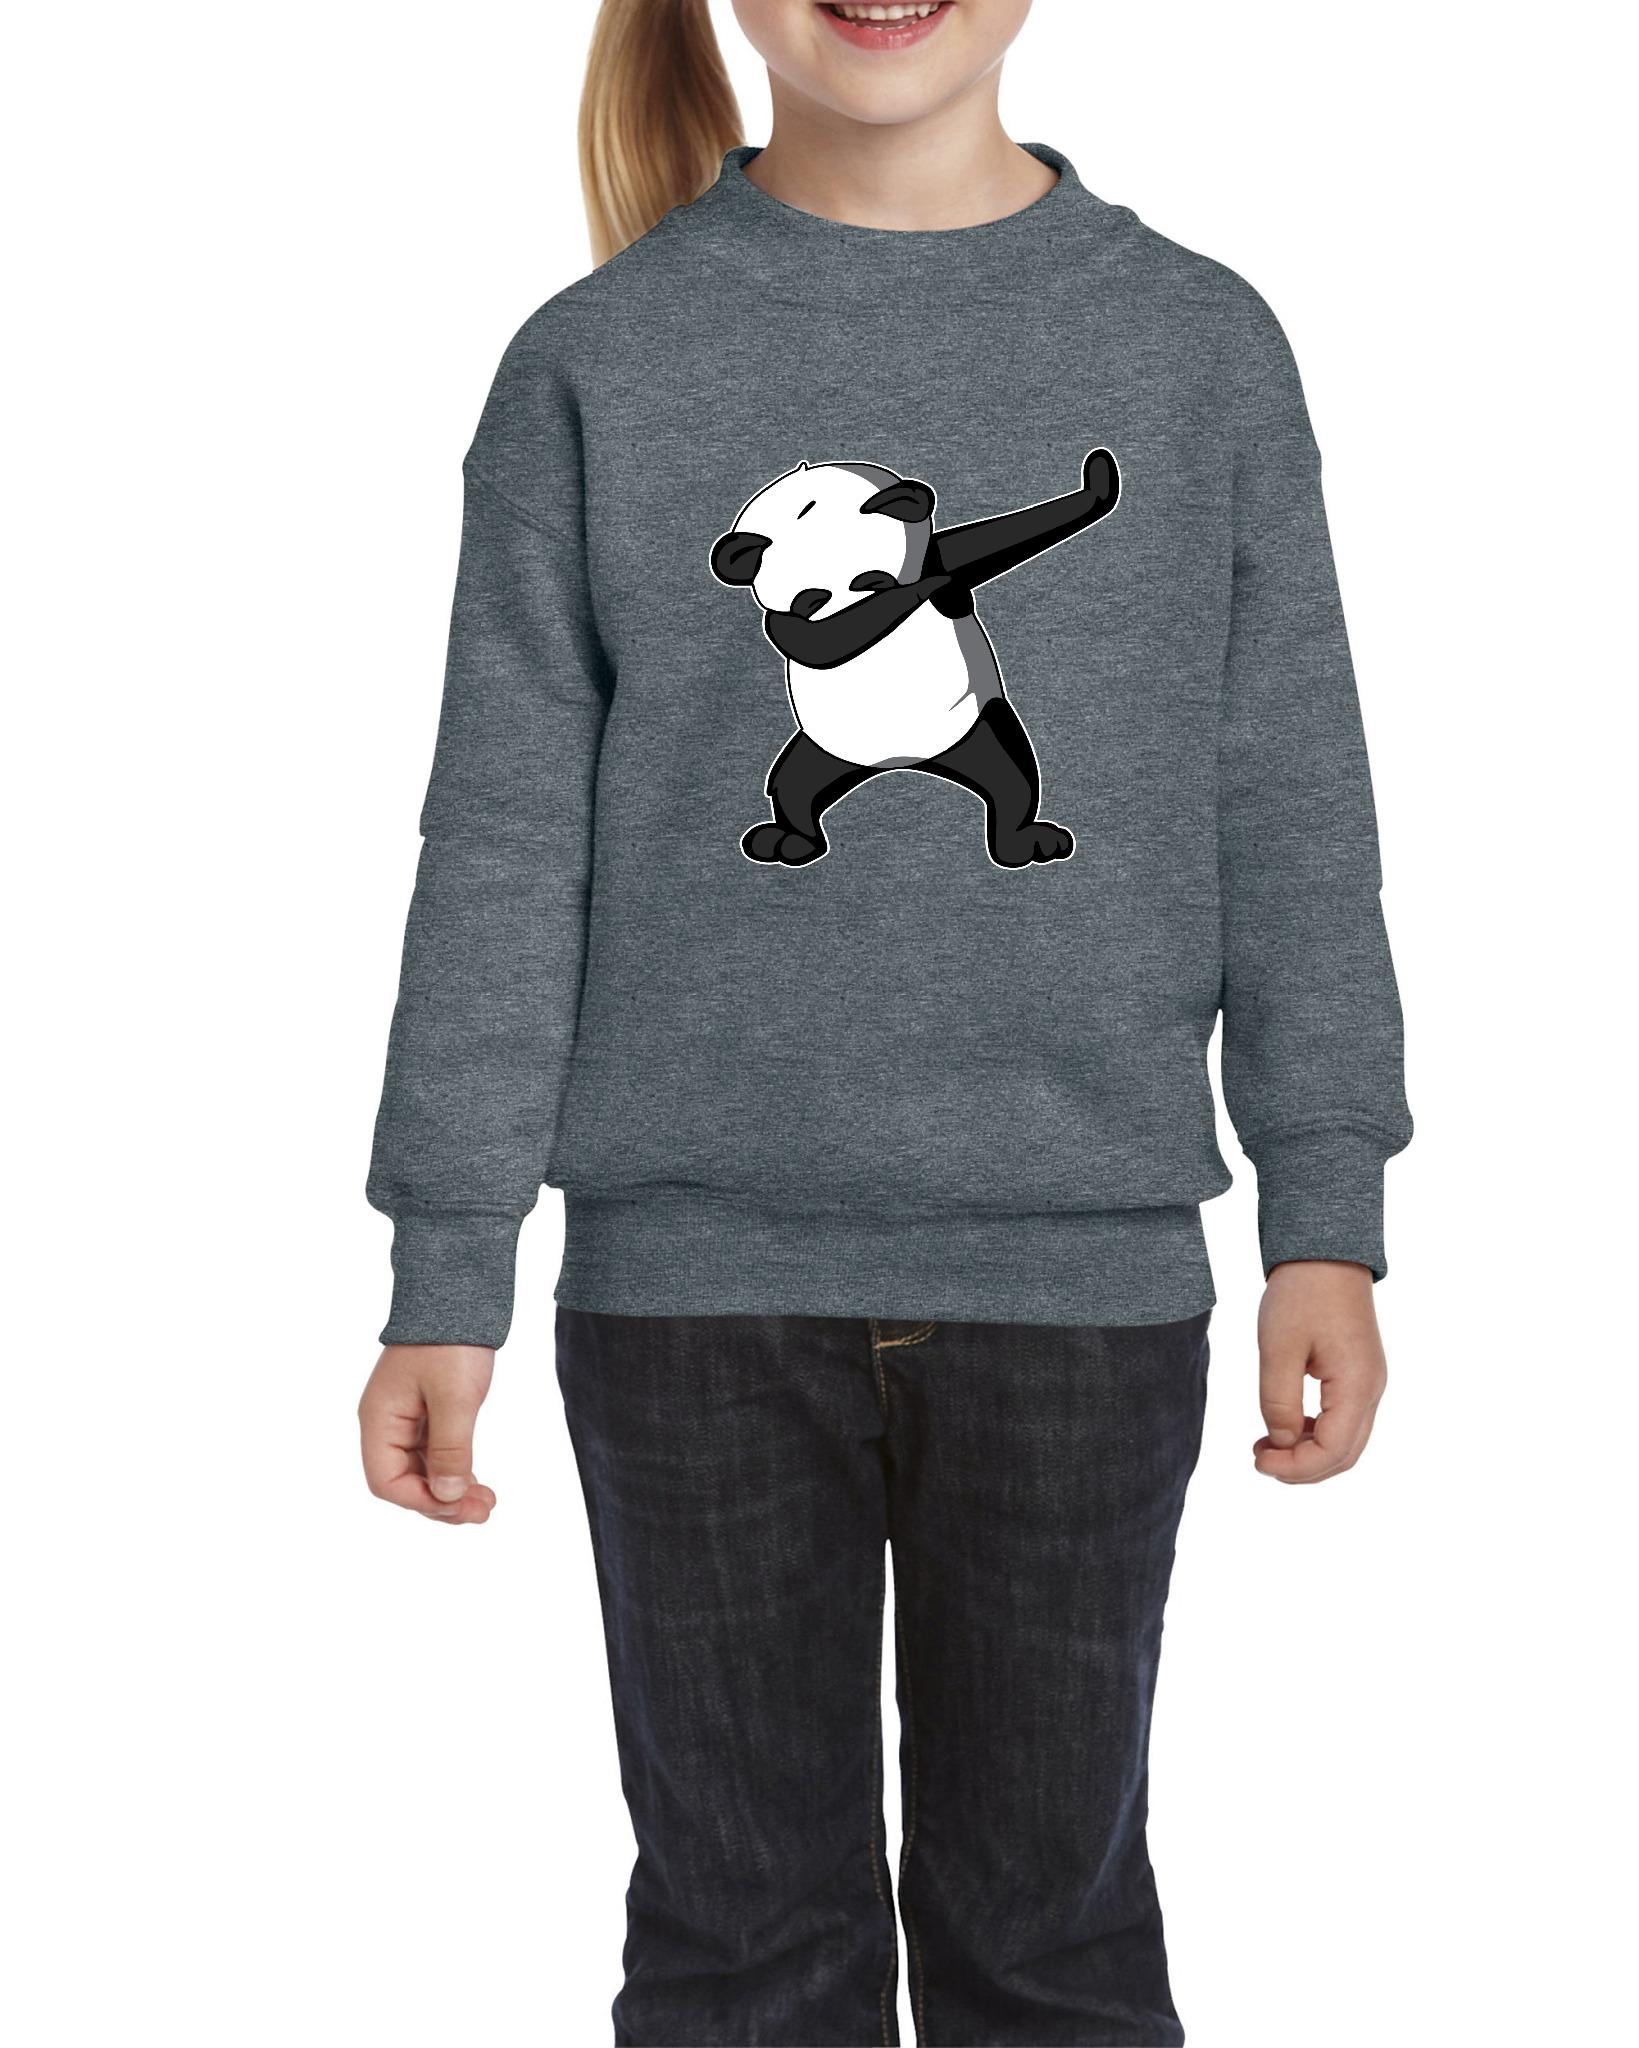 ARTIX Dancing Panda Mens Tank Top